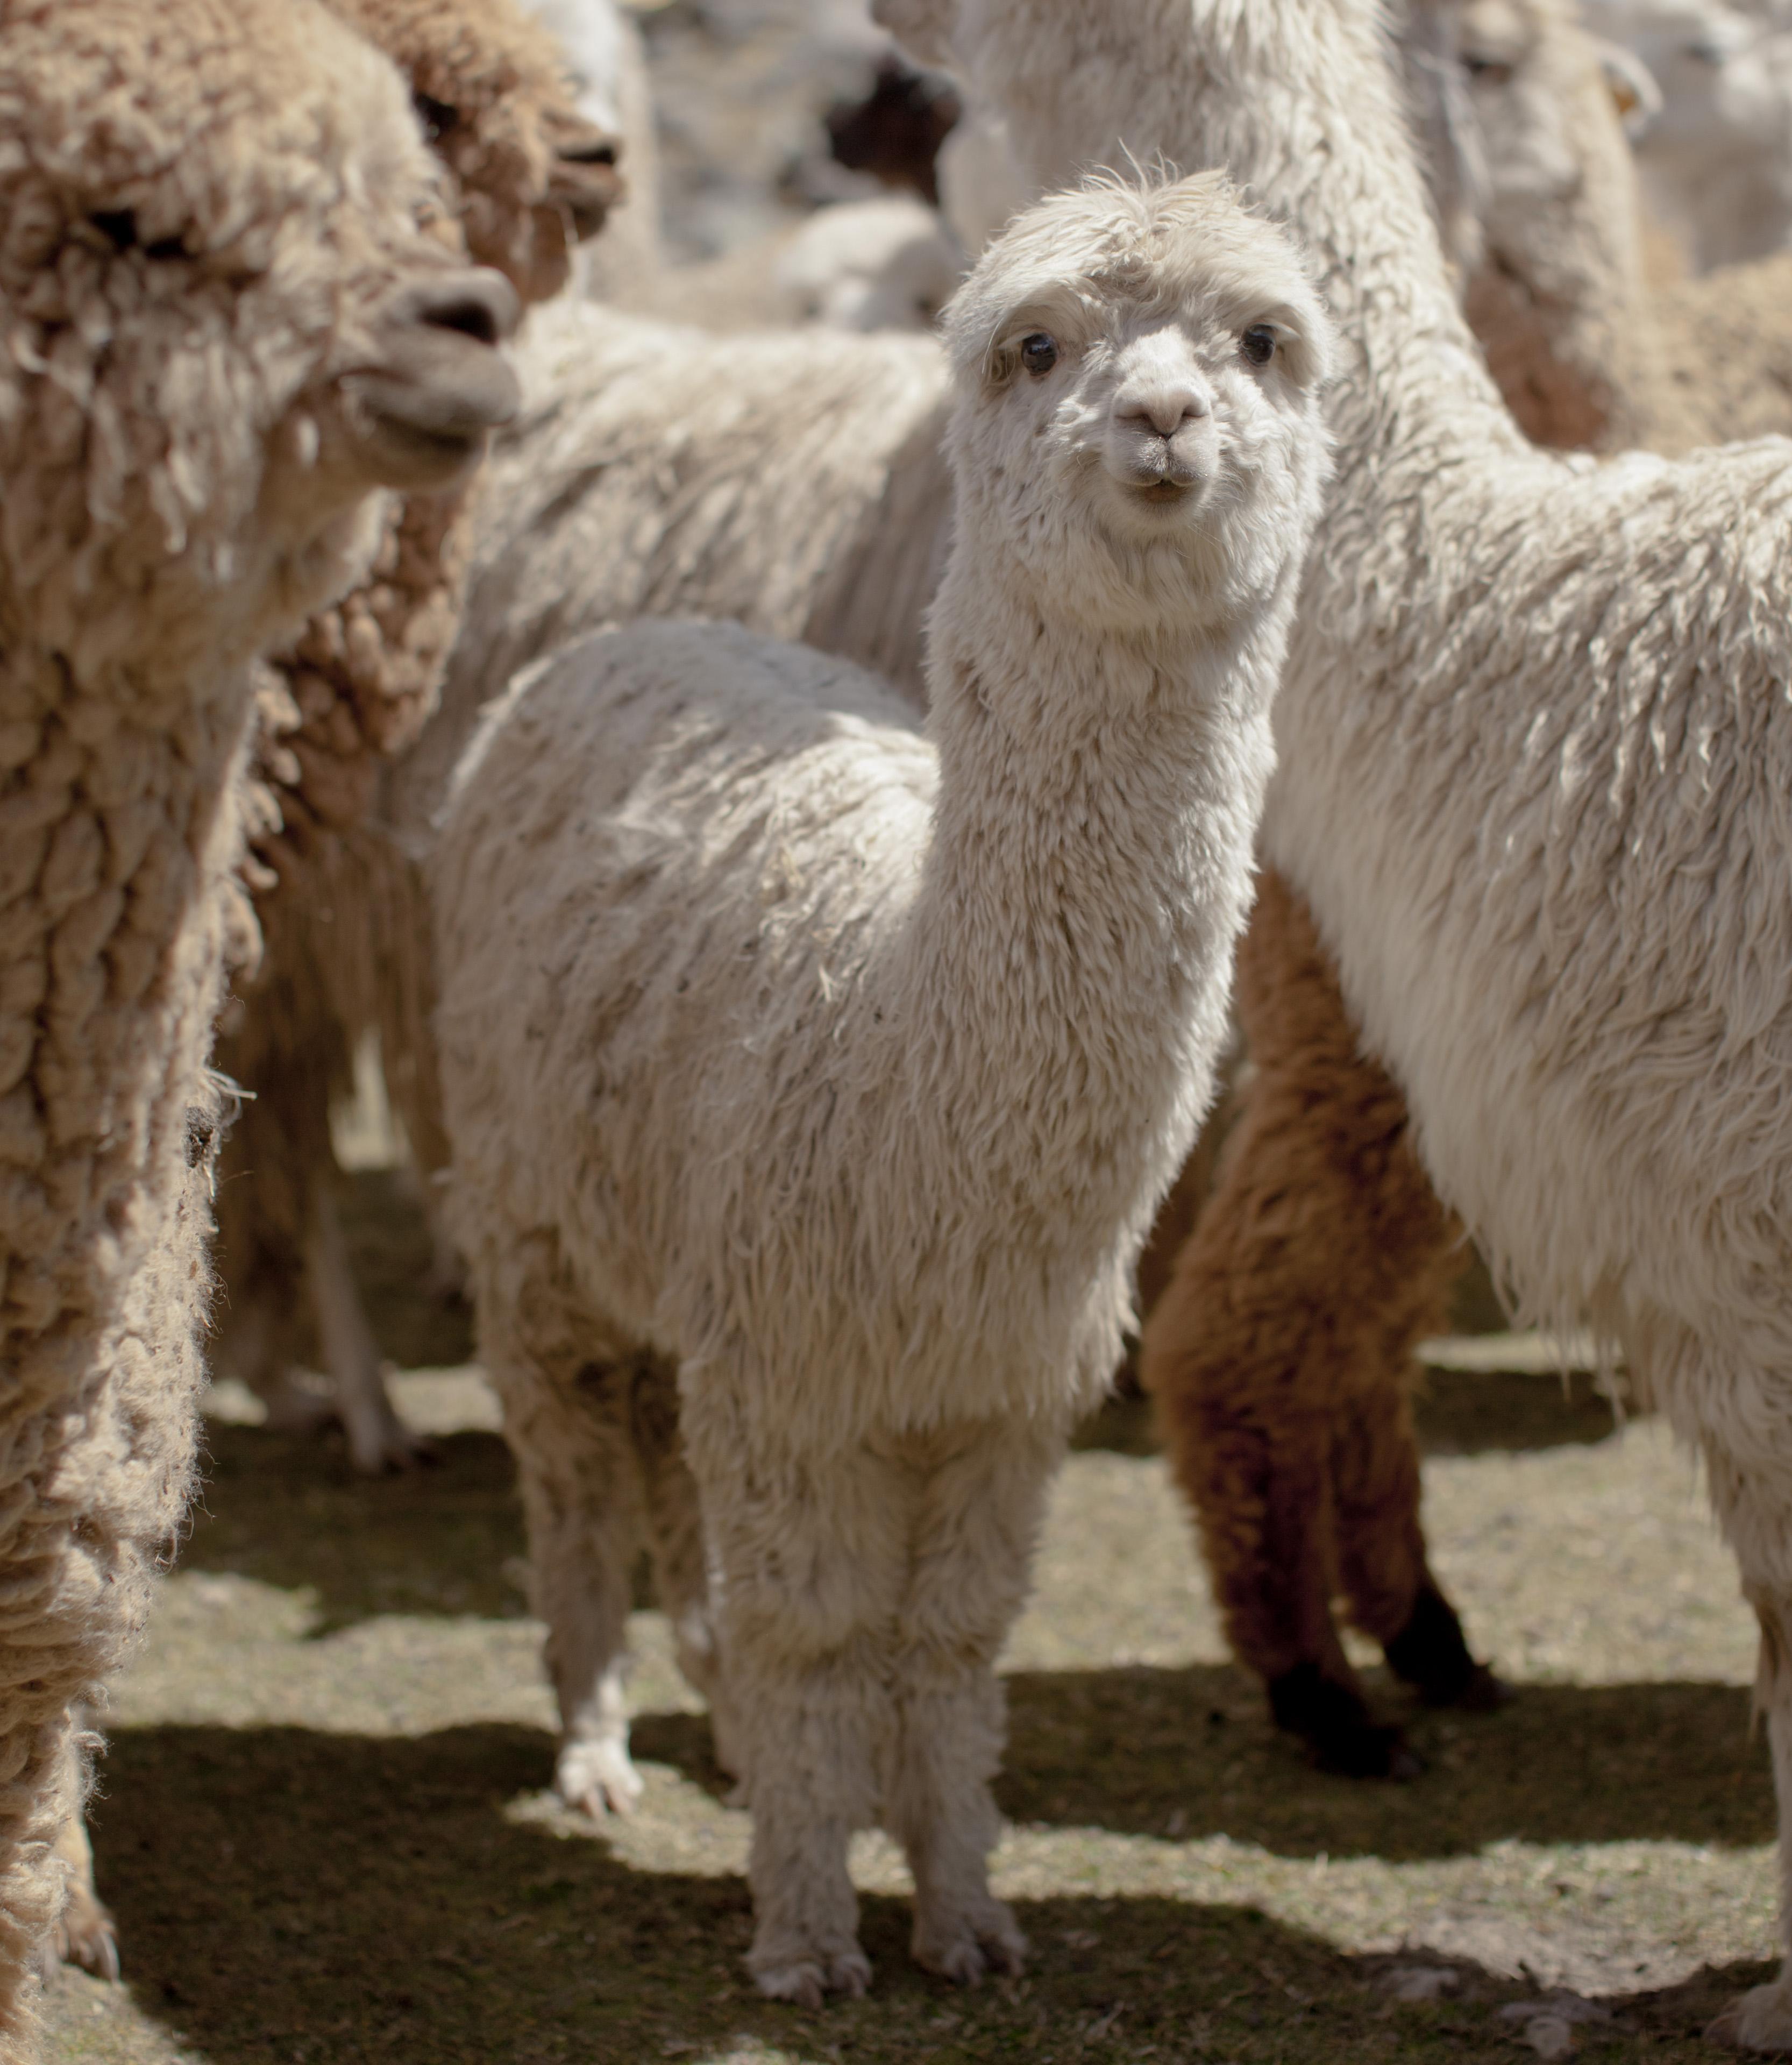 Baby llama among herd of llamas.